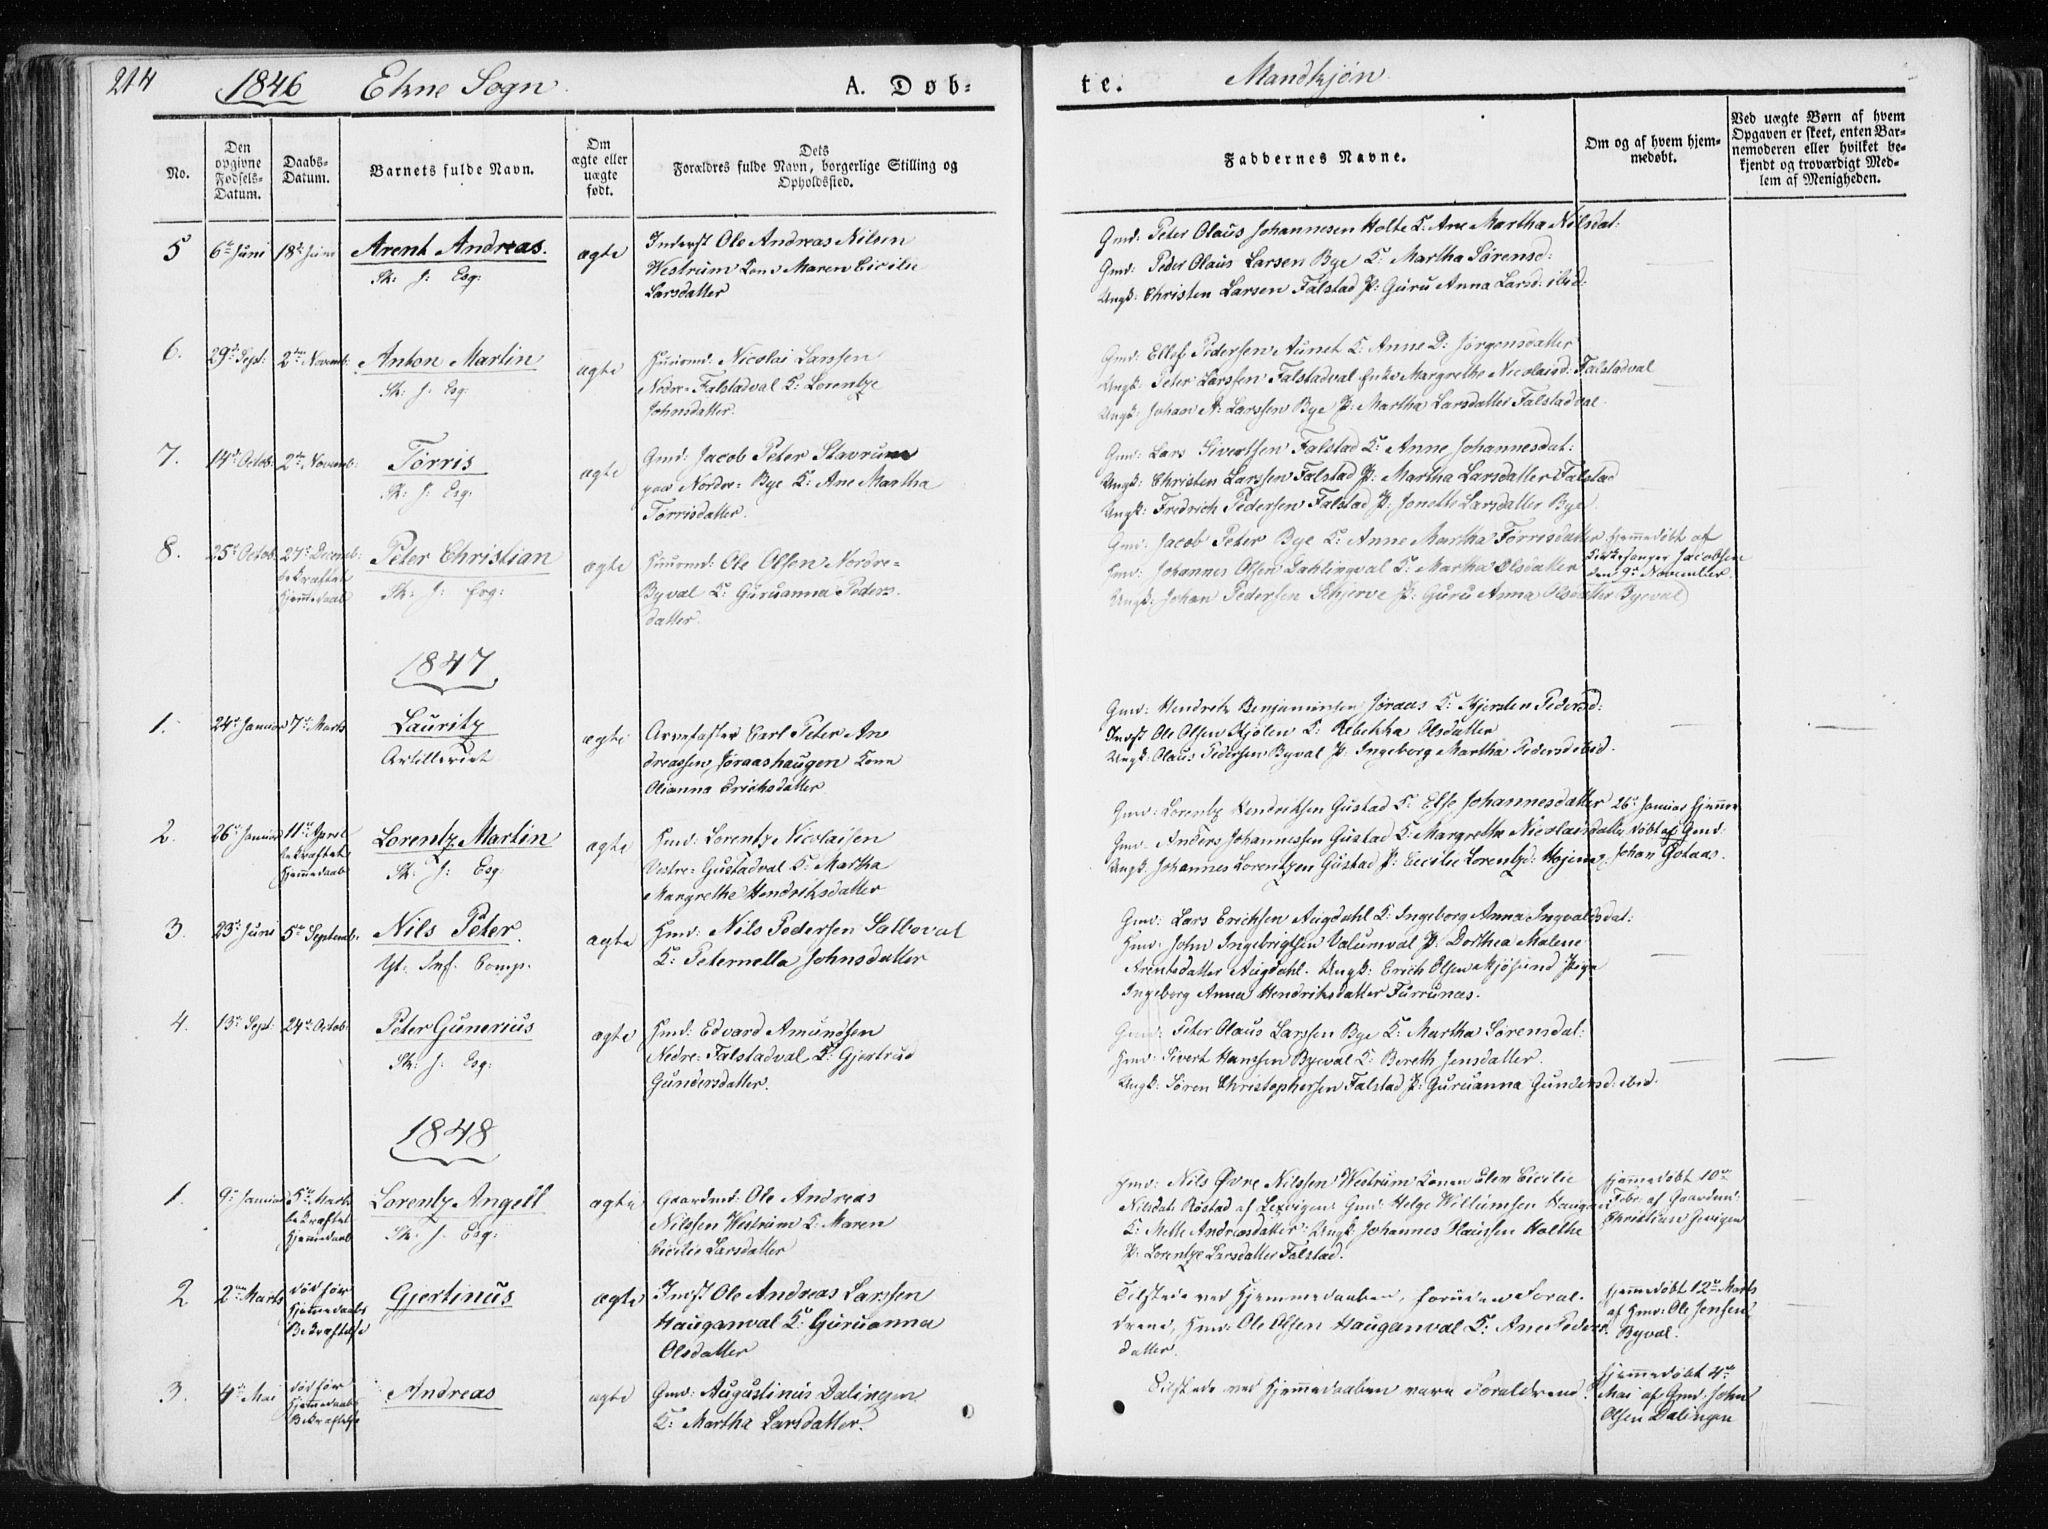 SAT, Ministerialprotokoller, klokkerbøker og fødselsregistre - Nord-Trøndelag, 717/L0154: Ministerialbok nr. 717A06 /2, 1836-1849, s. 214